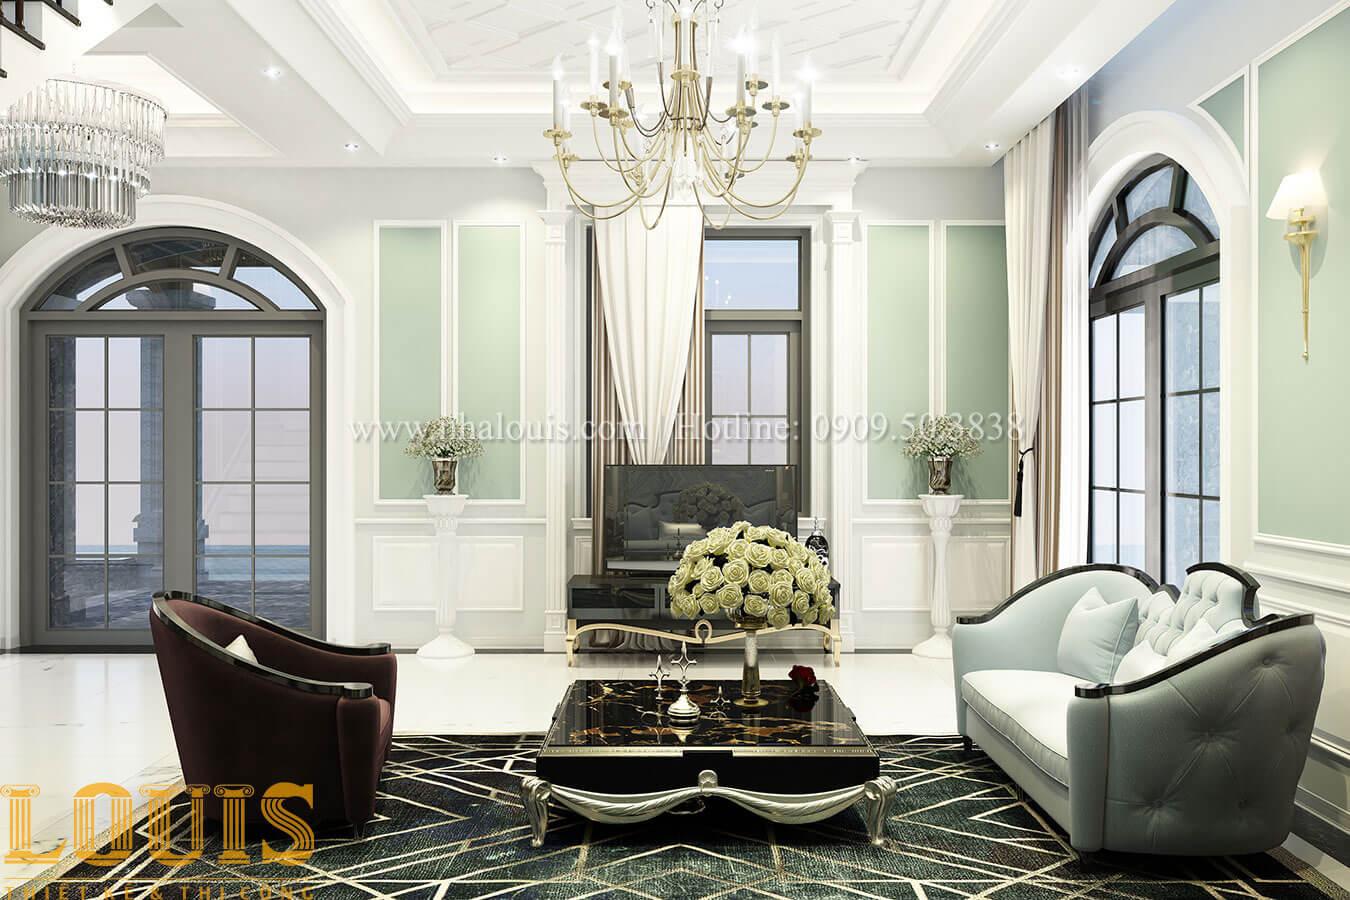 Phòng khách Thiết kế biệt thự 3 tầng đẹp có sân vườn ở miền quê Đồng Nai - 13